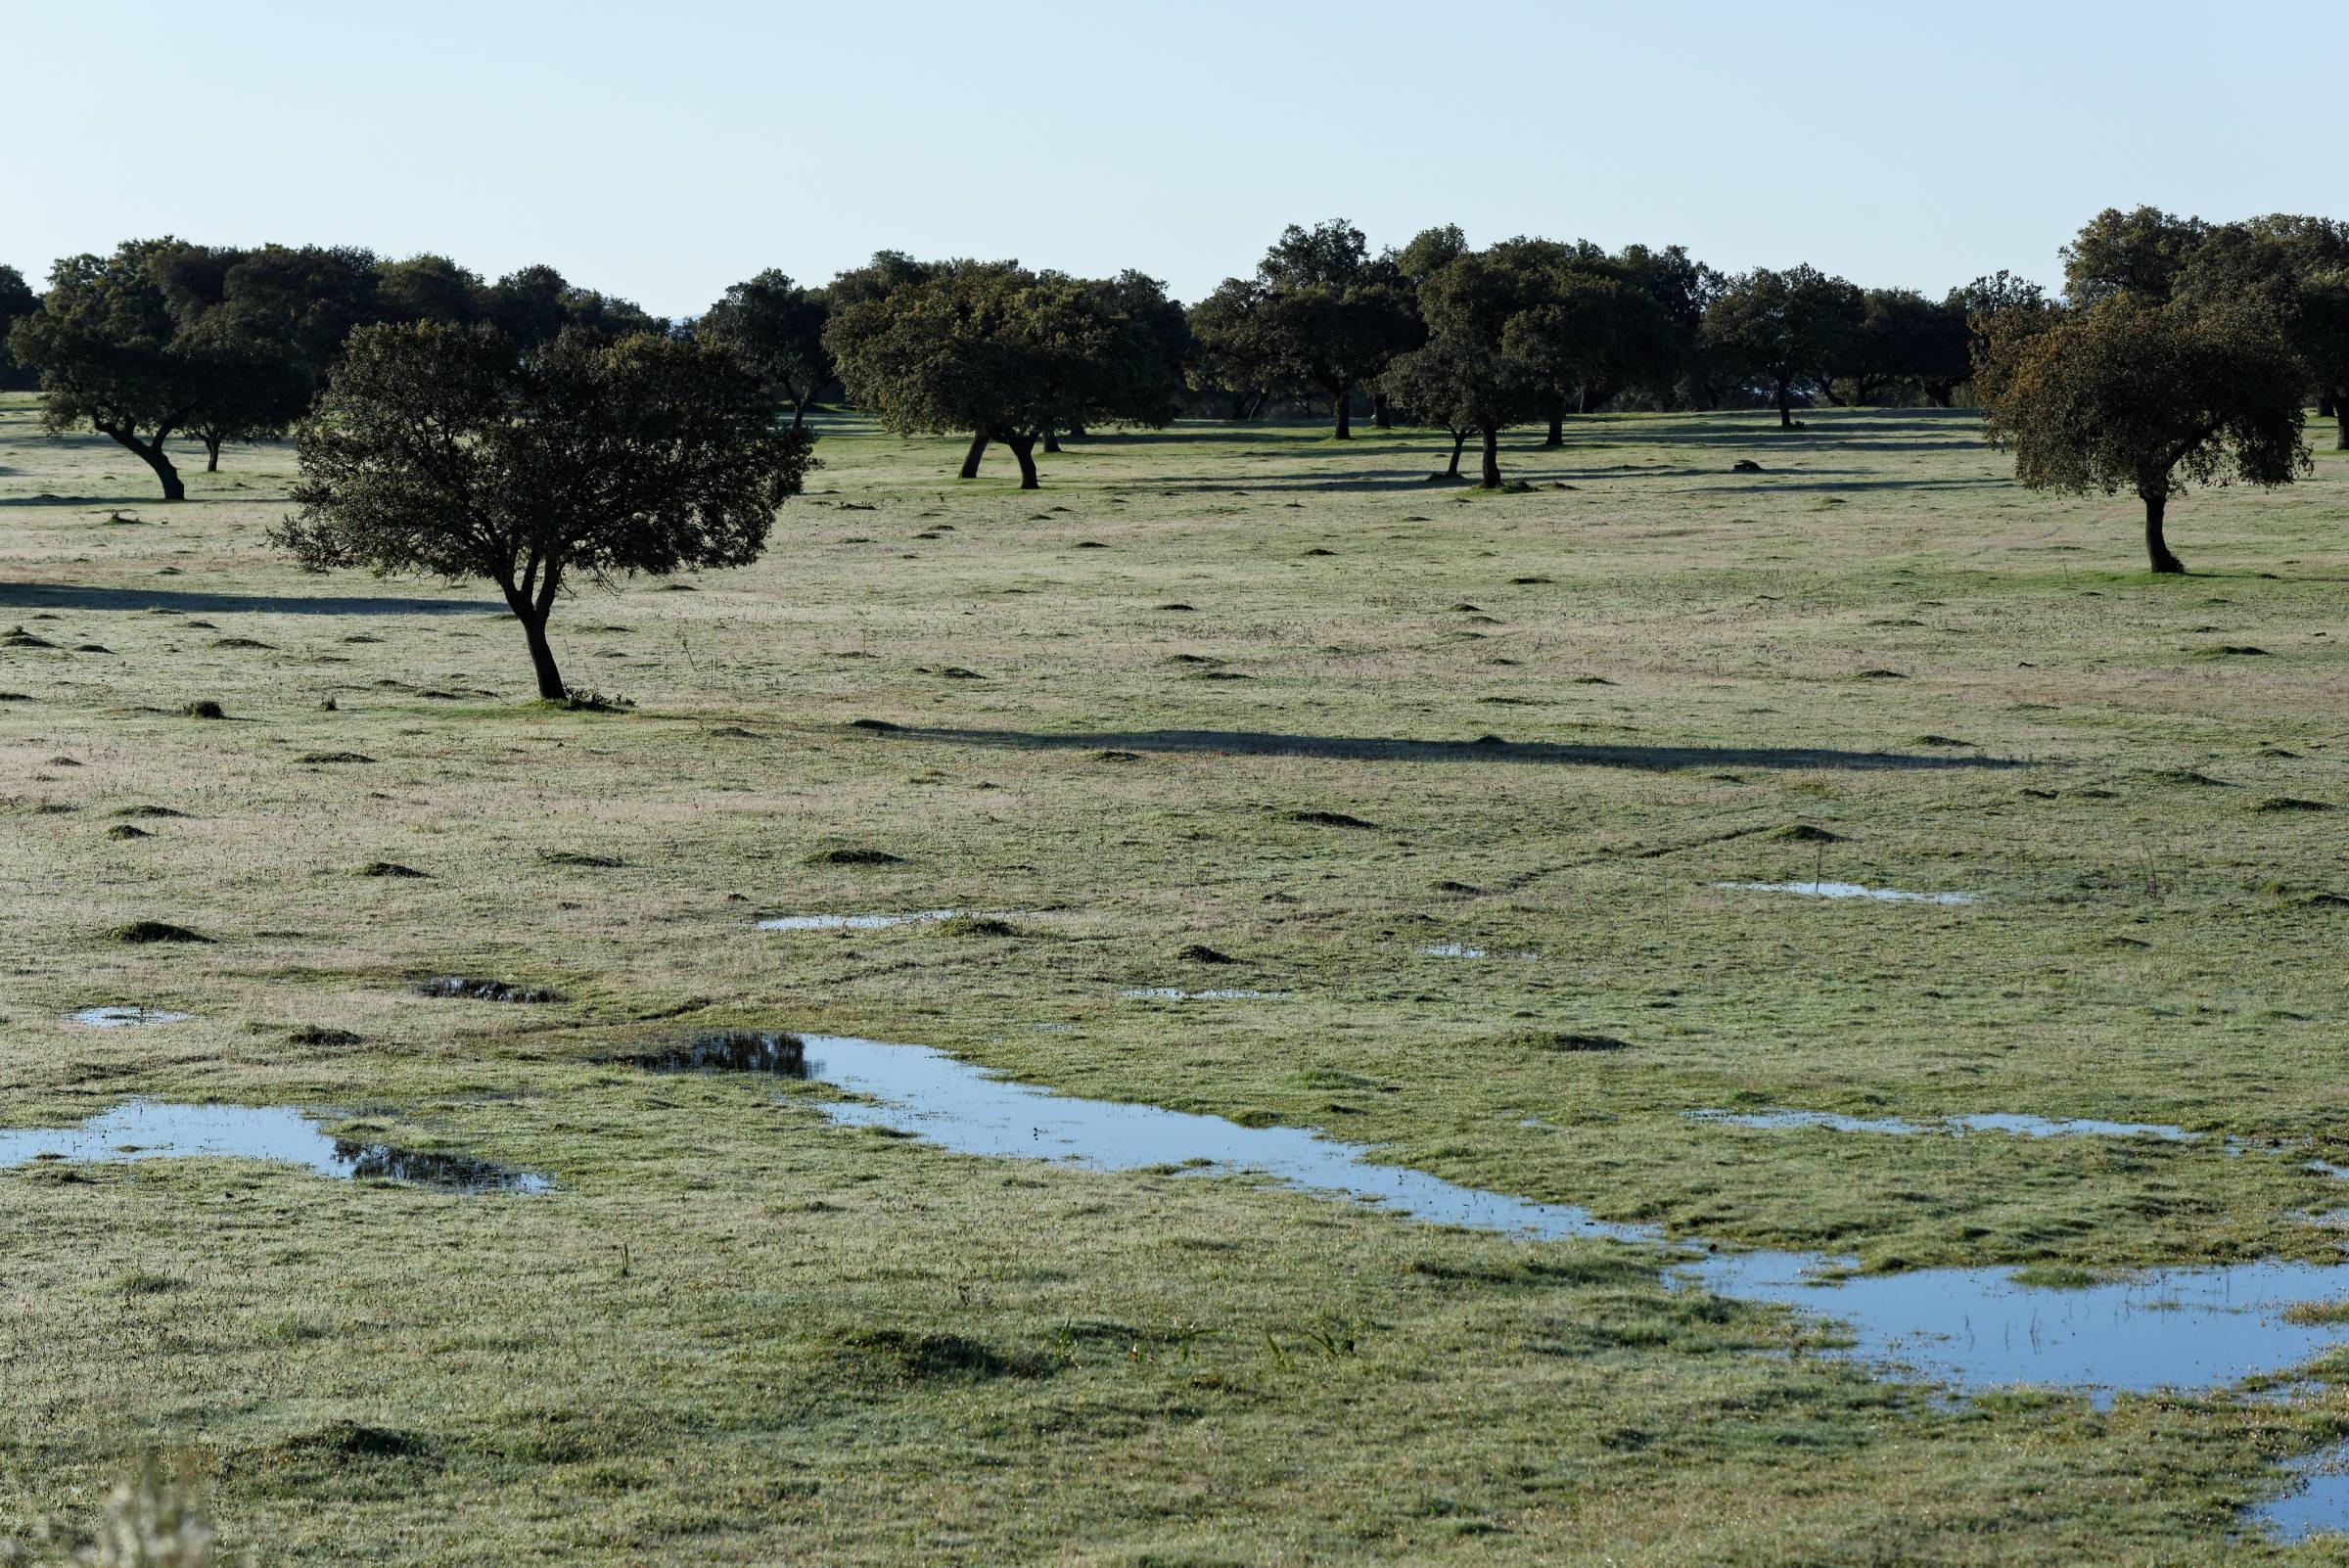 160405-parc national de monfrague (Estremadure) (103)